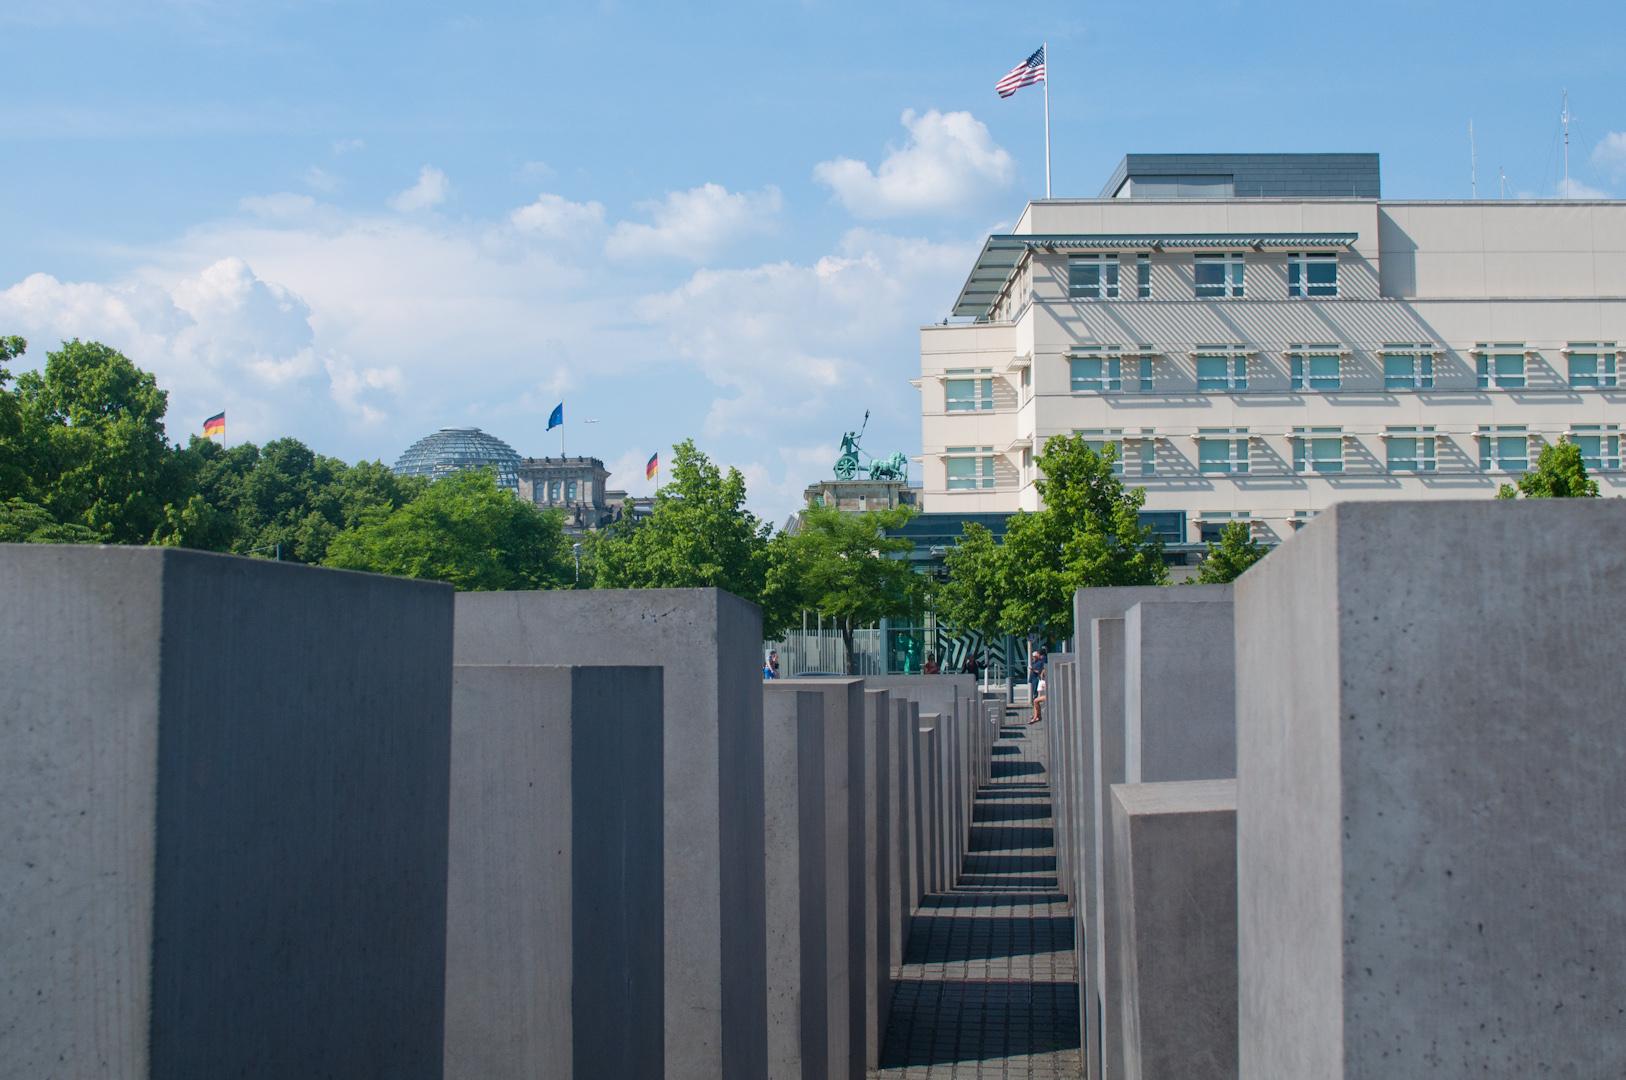 El Memorial del Holocausto impresiona, a pesar de que sea habitual encontrar grupos de turistas tomando una cerveza entre los bloques.